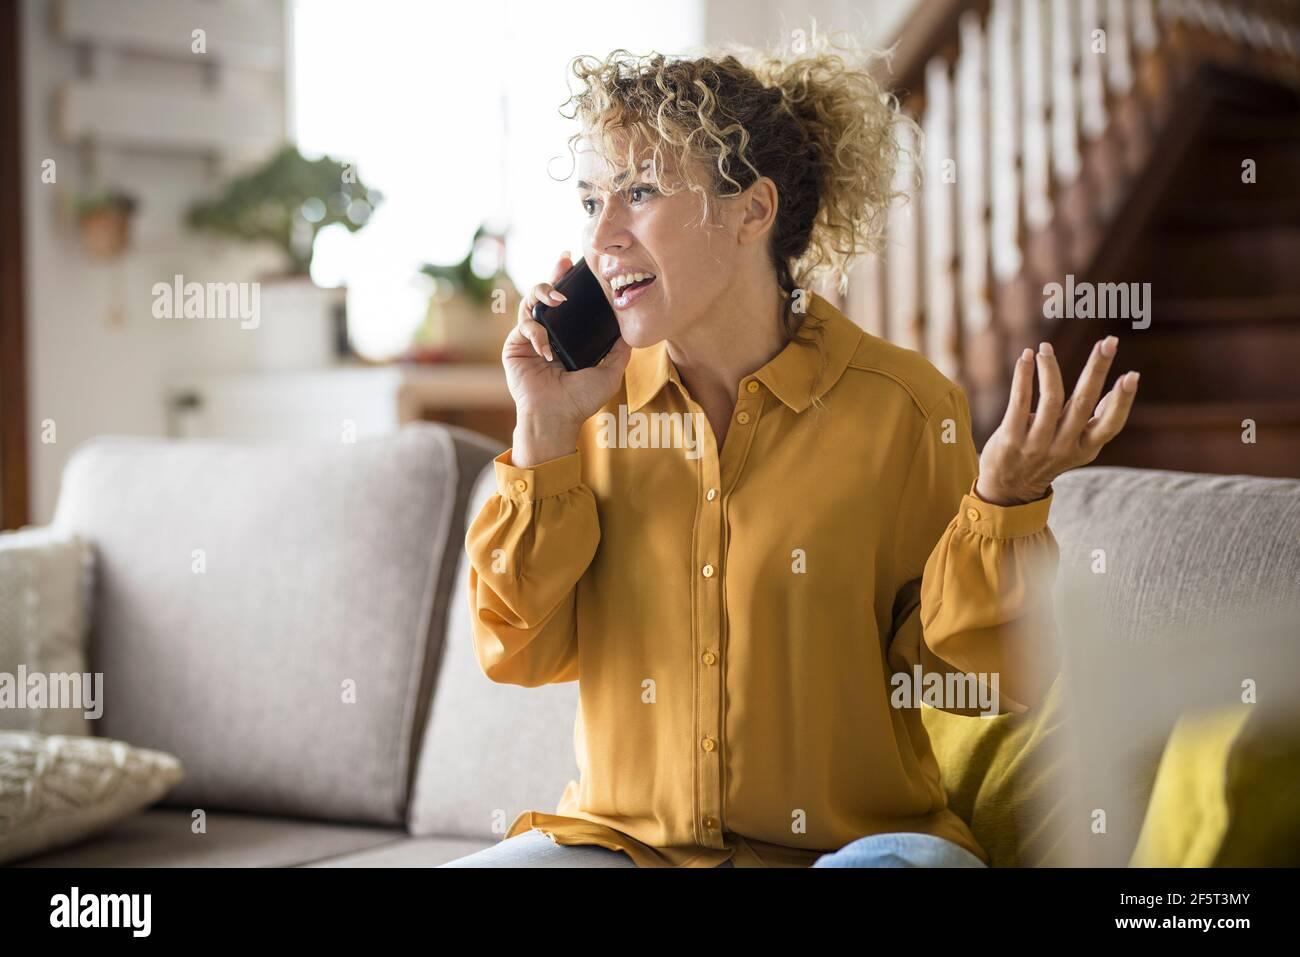 Une femme adulte heureuse à la maison dans le téléphone appelant sourire et profitez d'un moment de loisirs à l'intérieur assis sur le canapé style de vie décontracté - âge moyen élégant pe Banque D'Images